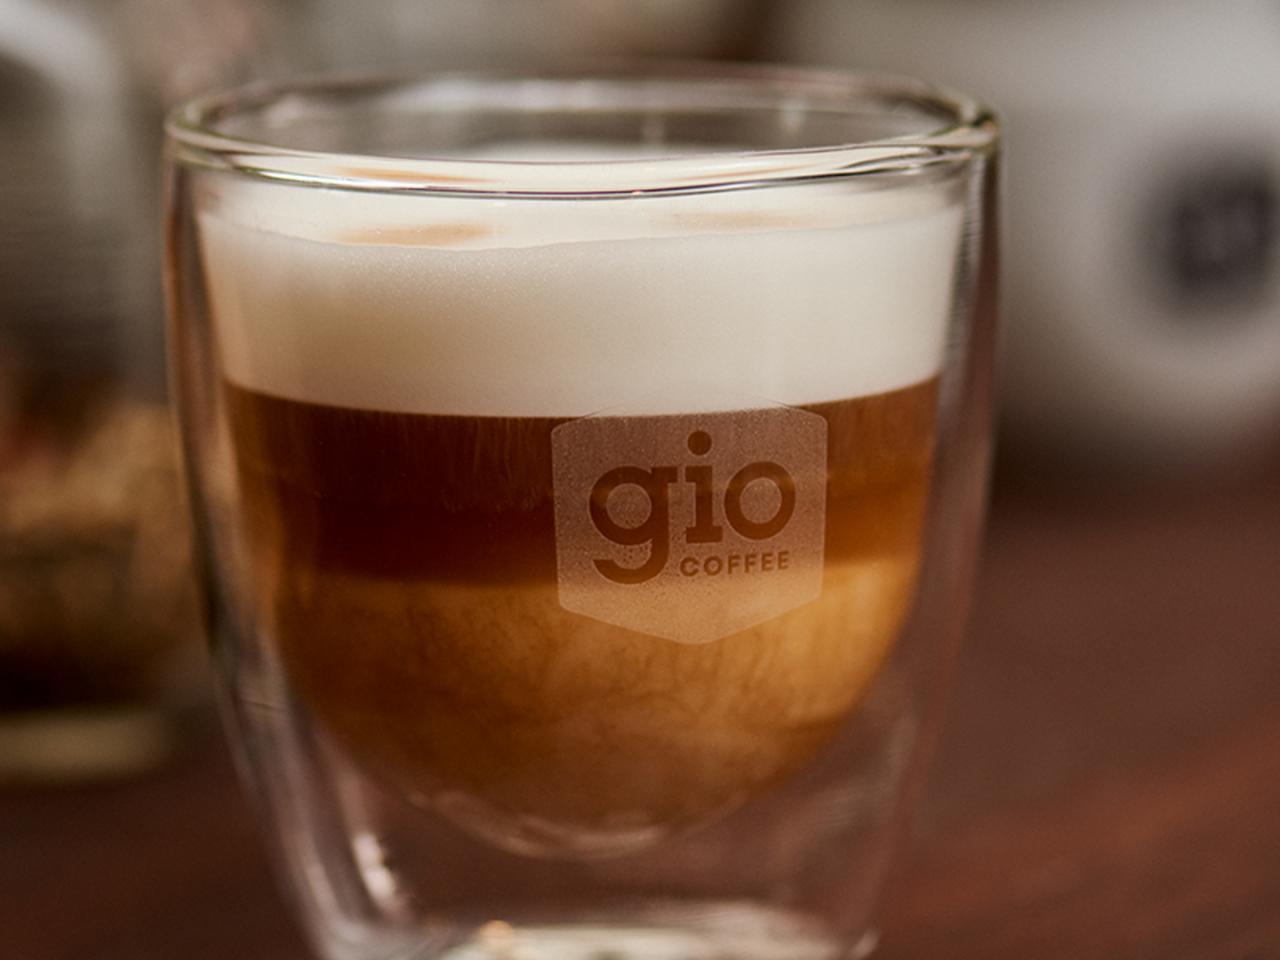 Gio Coffee heeft een koffieoplossing met verse melk voor zakelijk gebruik